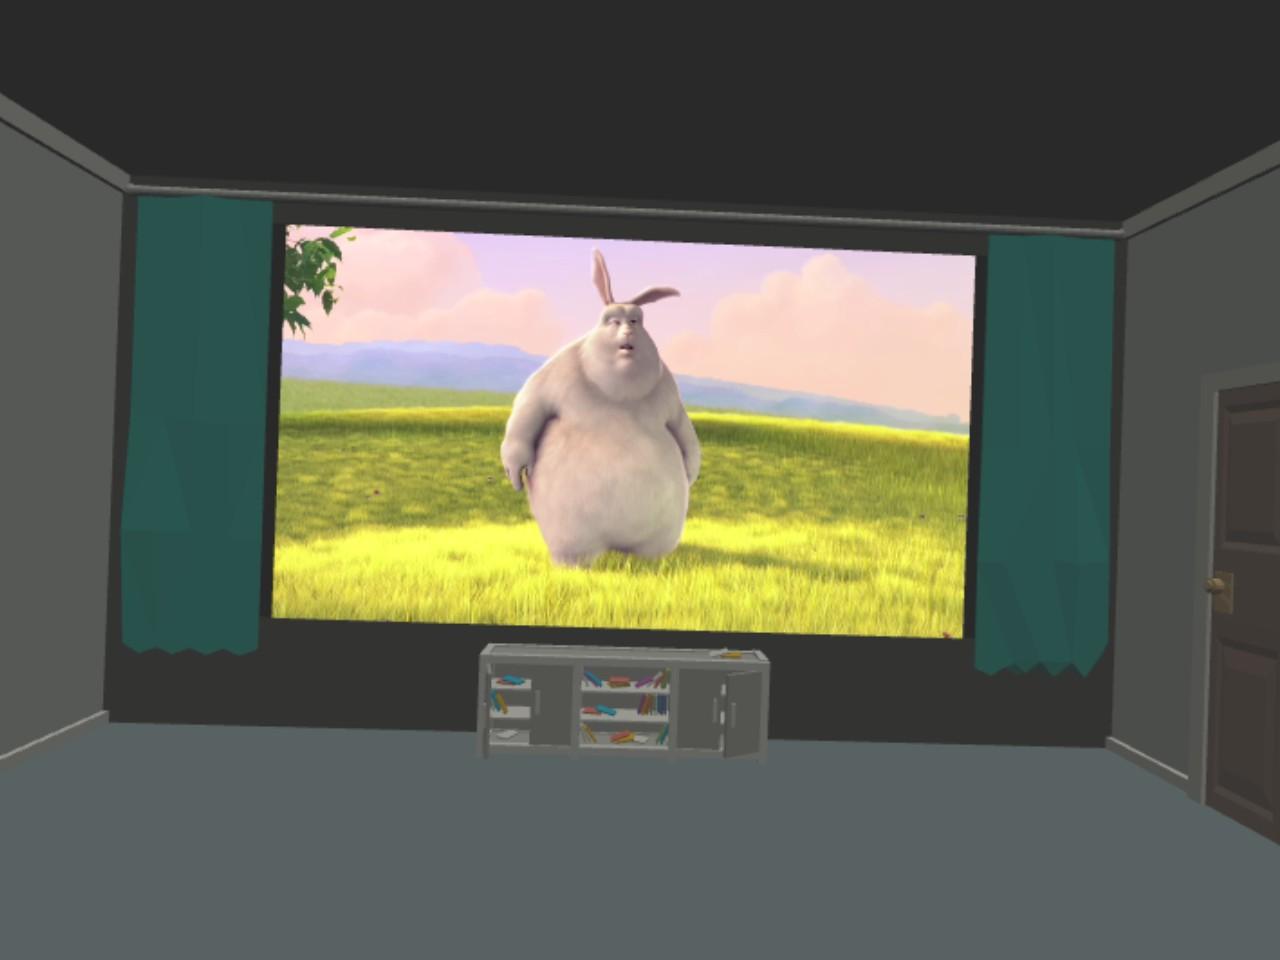 I tradičním videím se může hodit podpora VR, neboť mohou získat na zajímavosti umístěním do virtuálního prostředí (Zdroj: Chromium.org)